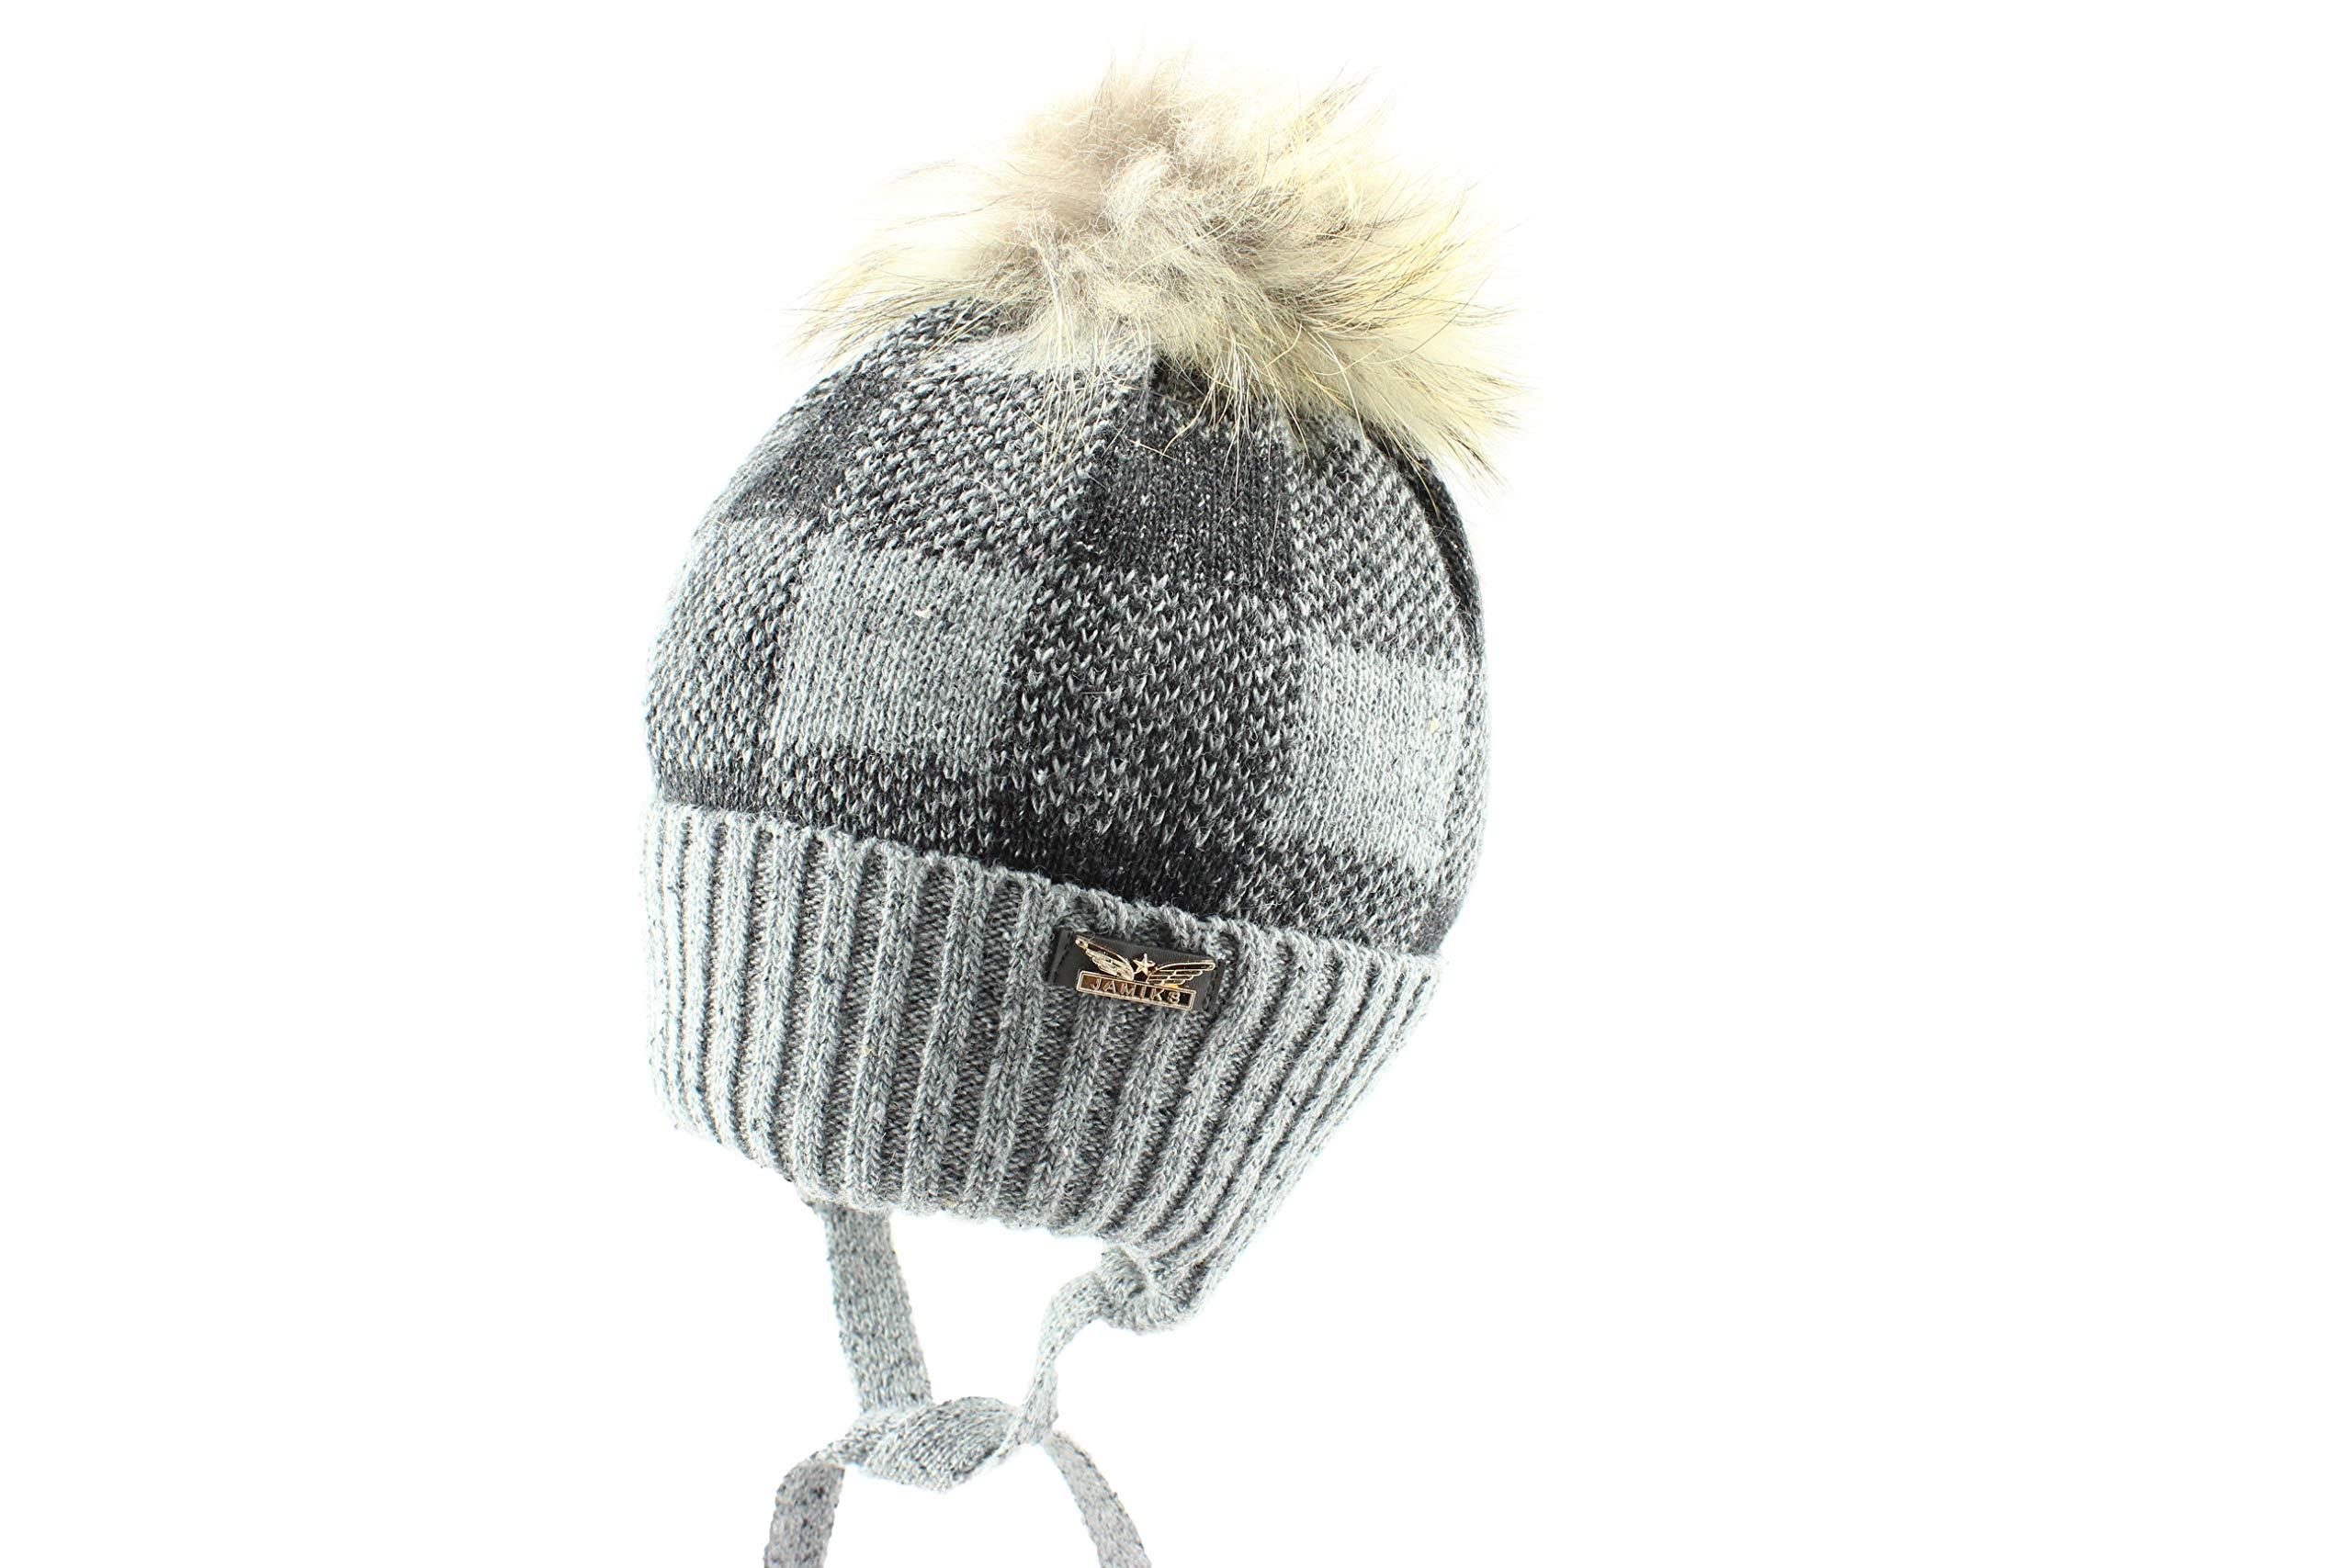 Jamiks Kobako Boys Winter Pom Pom Beanie Hat